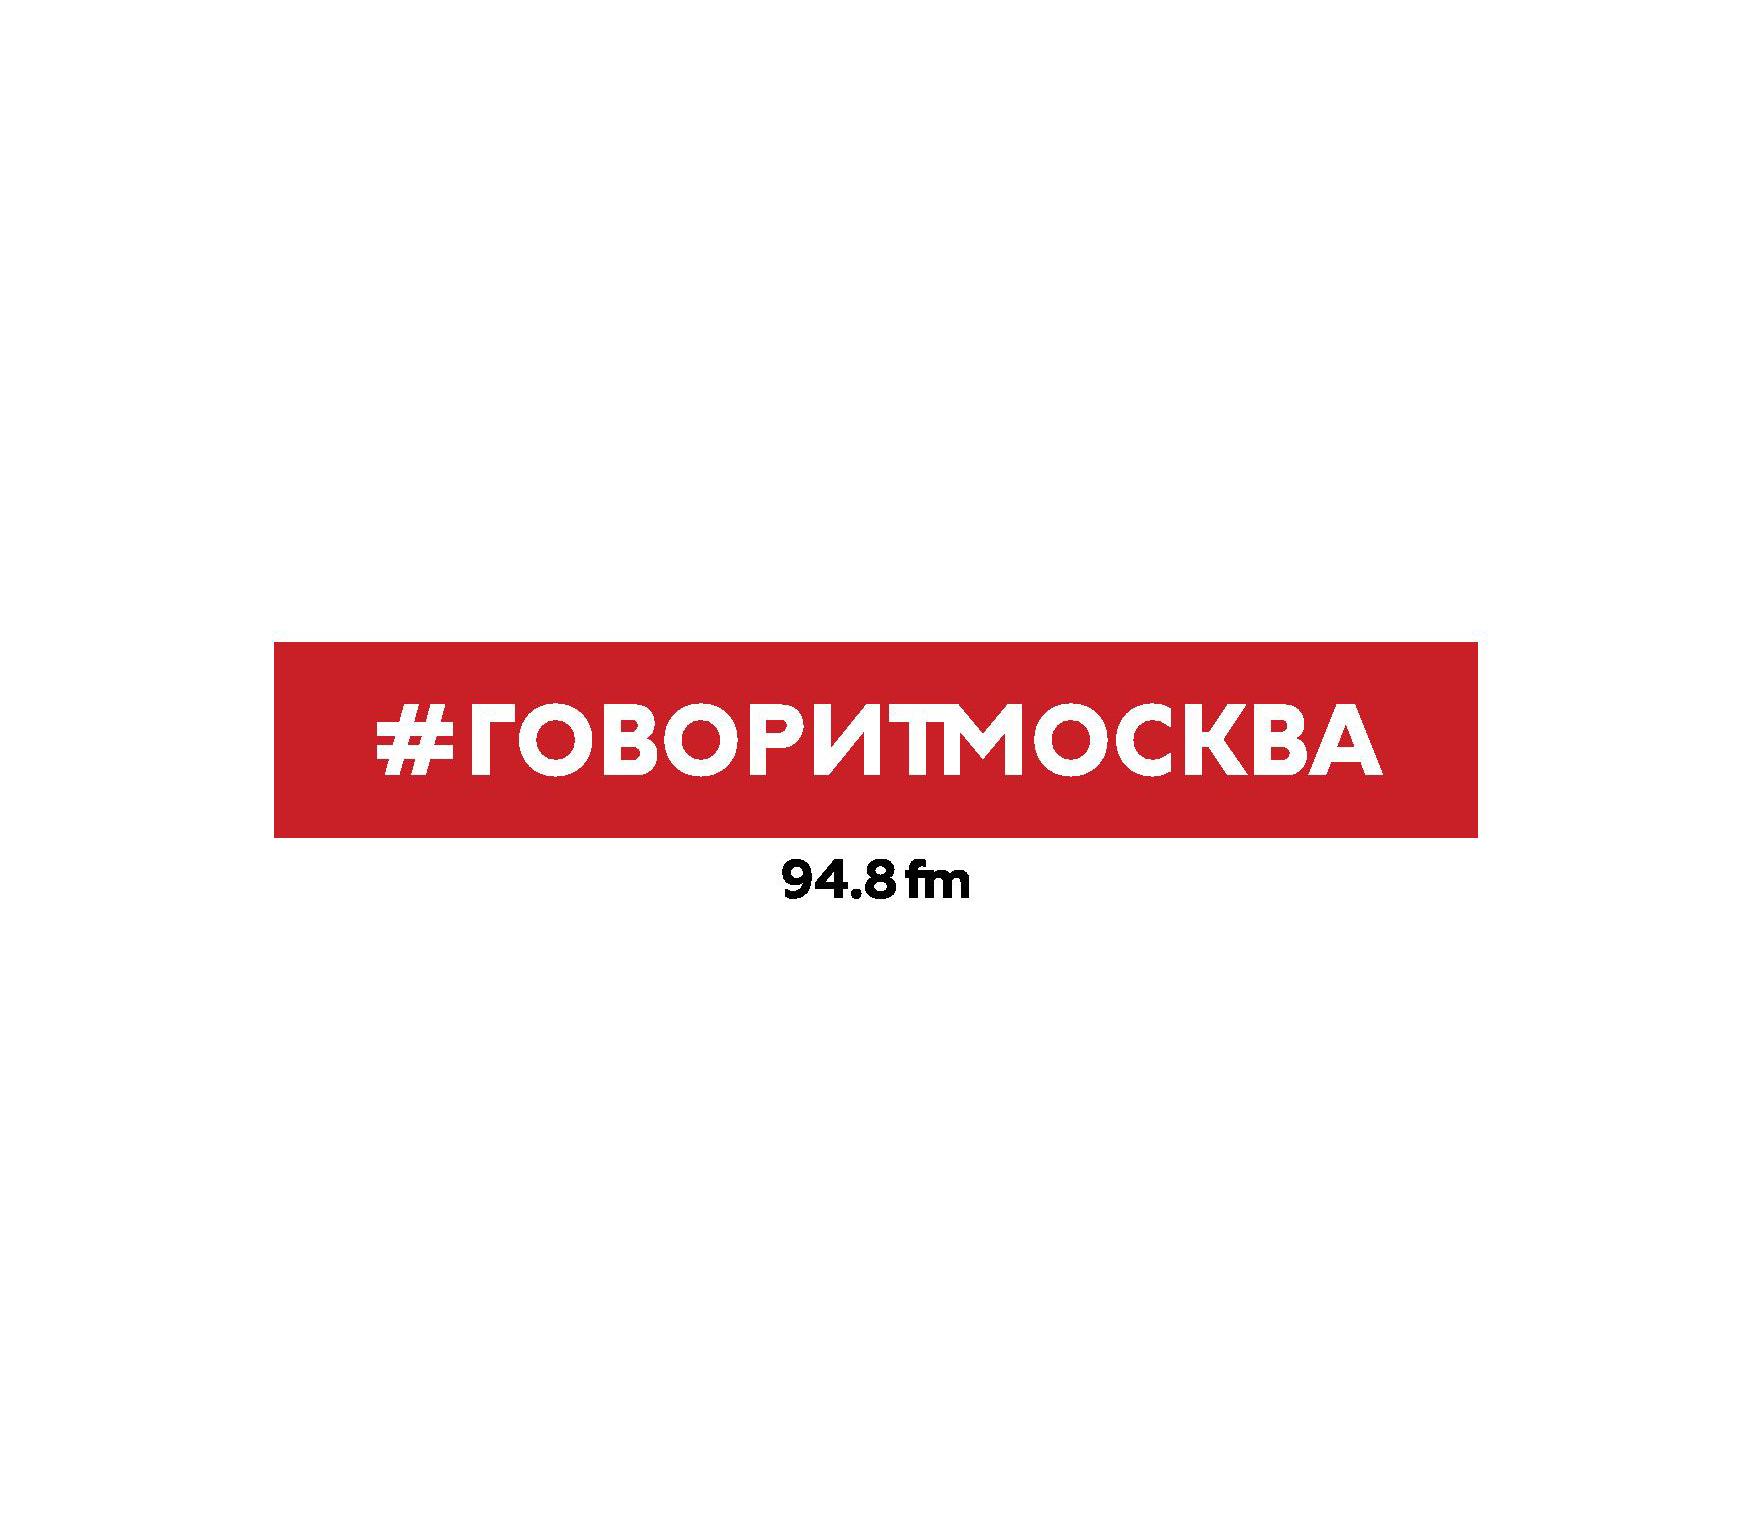 Макс Челноков 14 марта. Николай Расторгуев